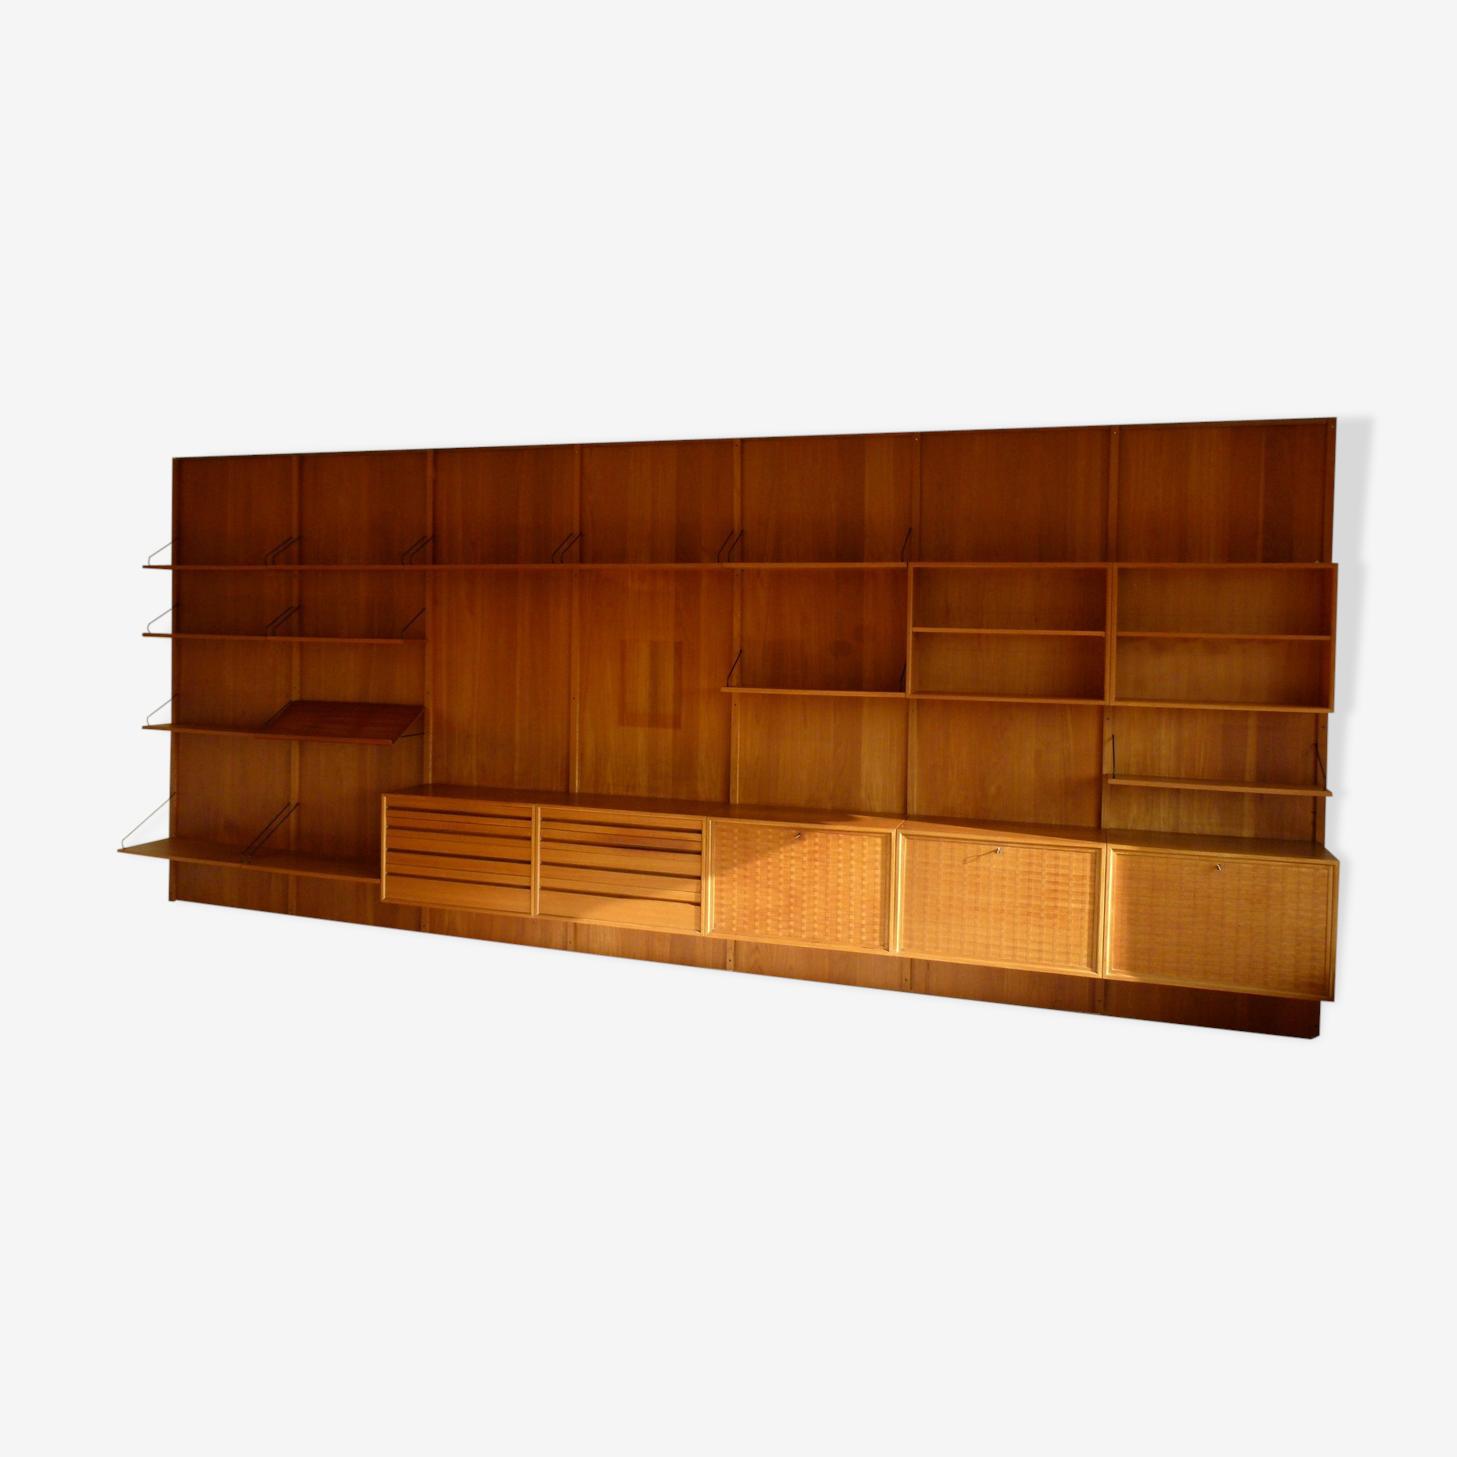 Système d'étagères vintage Royal System par Poul Cadovius pour Cado